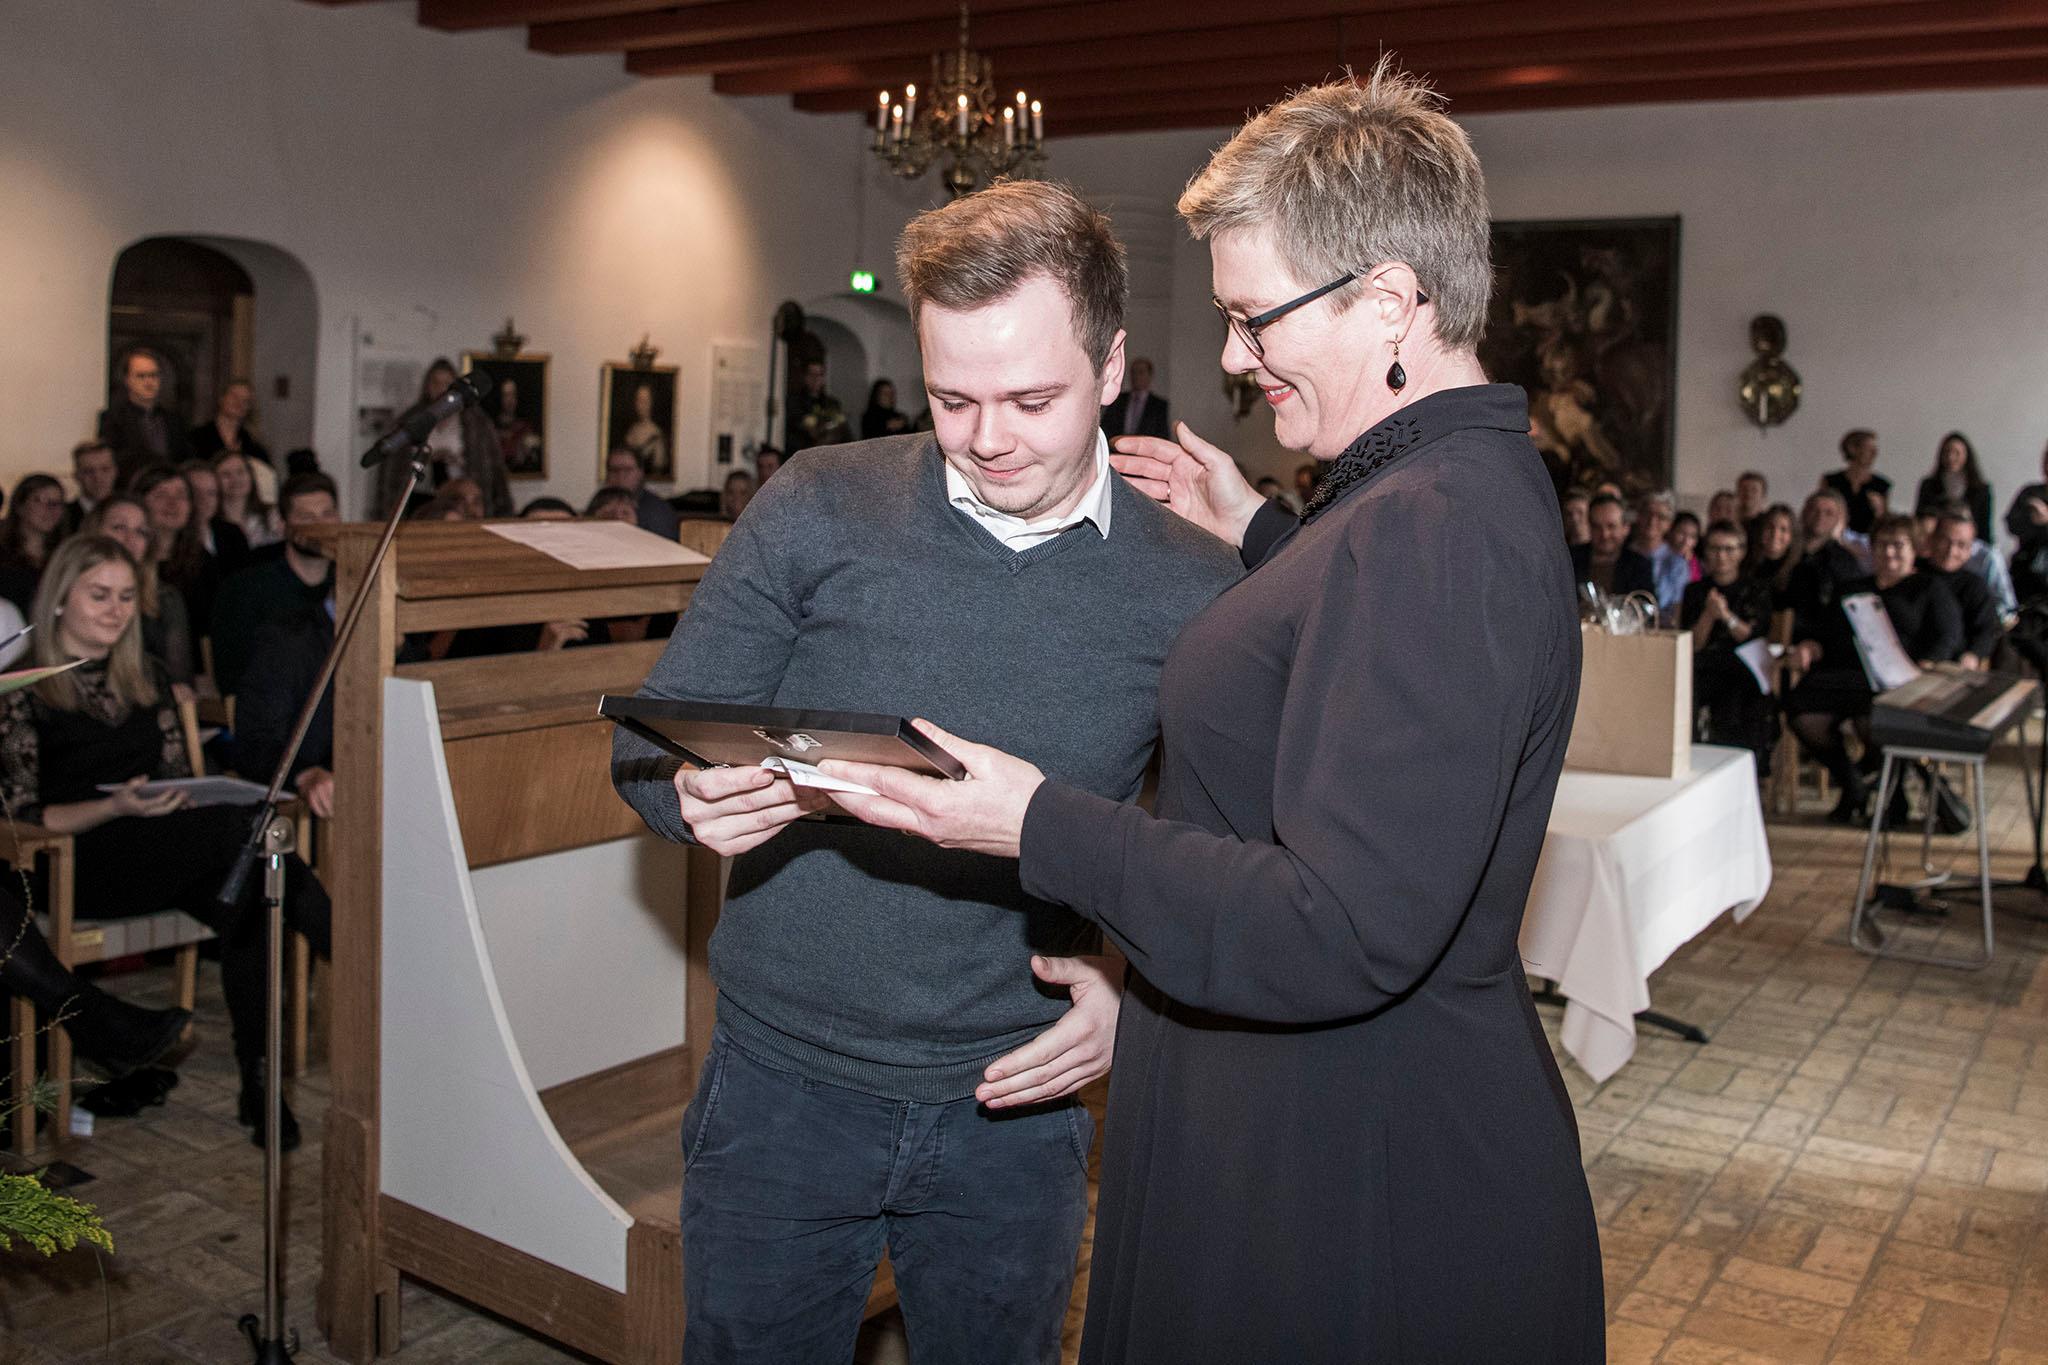 Stemningsbillede fra kirken, da Martin Hansen fik overrakt en pris.